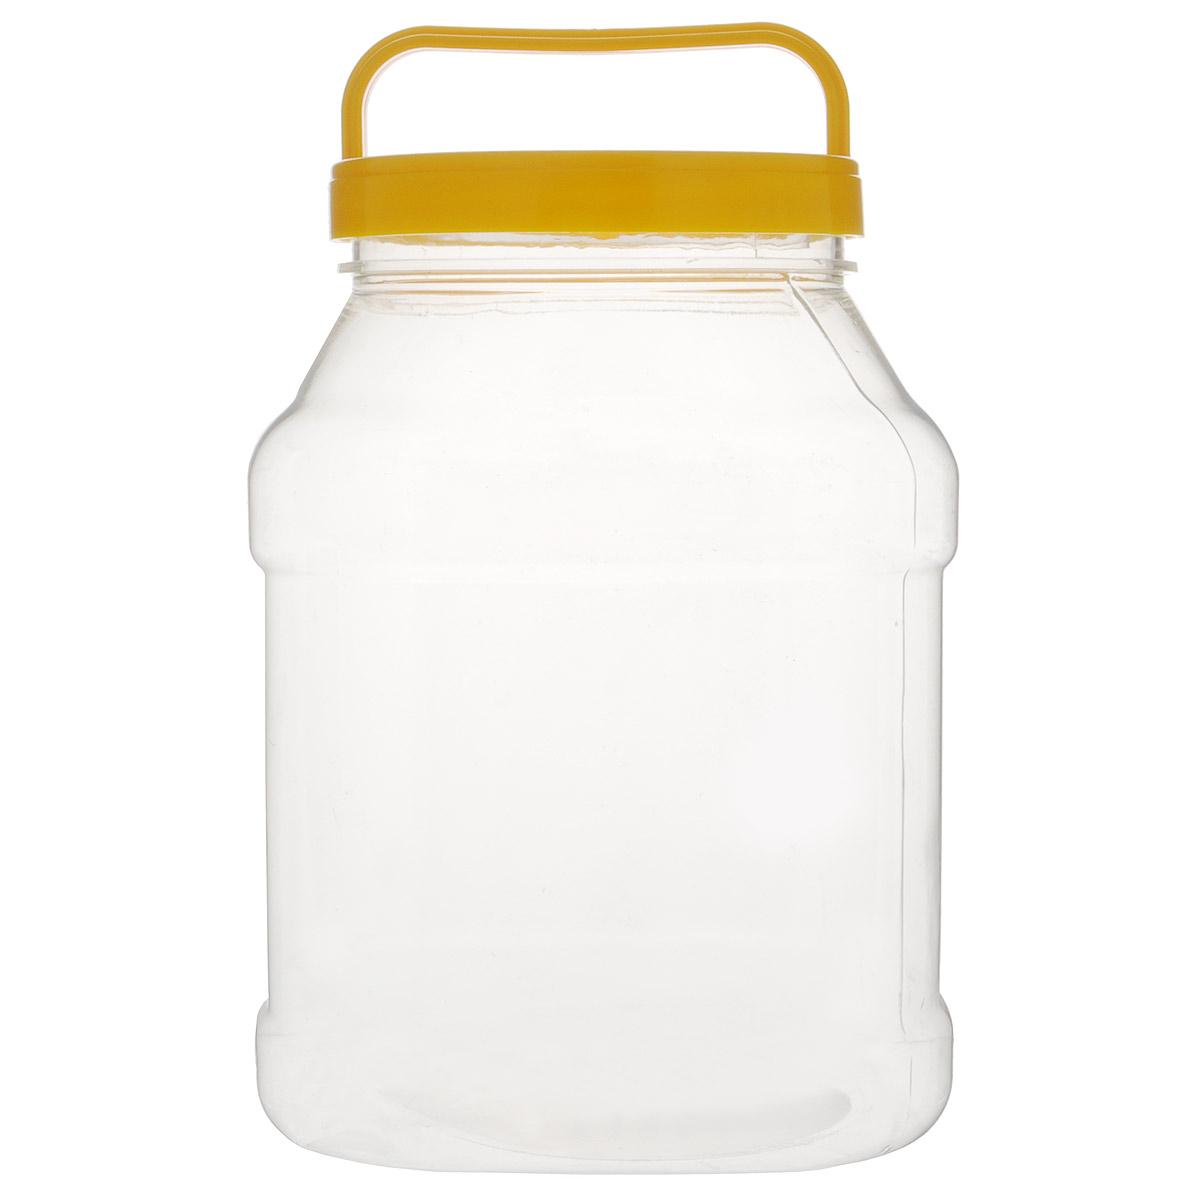 Бидон Альтернатива, прямоугольный, цвет: желтый, 3 лМ463Бидон Альтернатива предназначен для хранения и переноски пищевыхпродуктов, таких какмолоко, вода и т.д. Изделие выполнено из пищевого высококачественного ПЭТ.Оснащен ручкойдля удобной переноски. Бидон Альтернатива станет незаменимым аксессуаром на вашей кухне.Объем: 3 л. Диаметр (по верхнему краю): 10,5 см.Высота бидона (без учета крышки): 19 см. Размер дна: 15 см х 15 см.